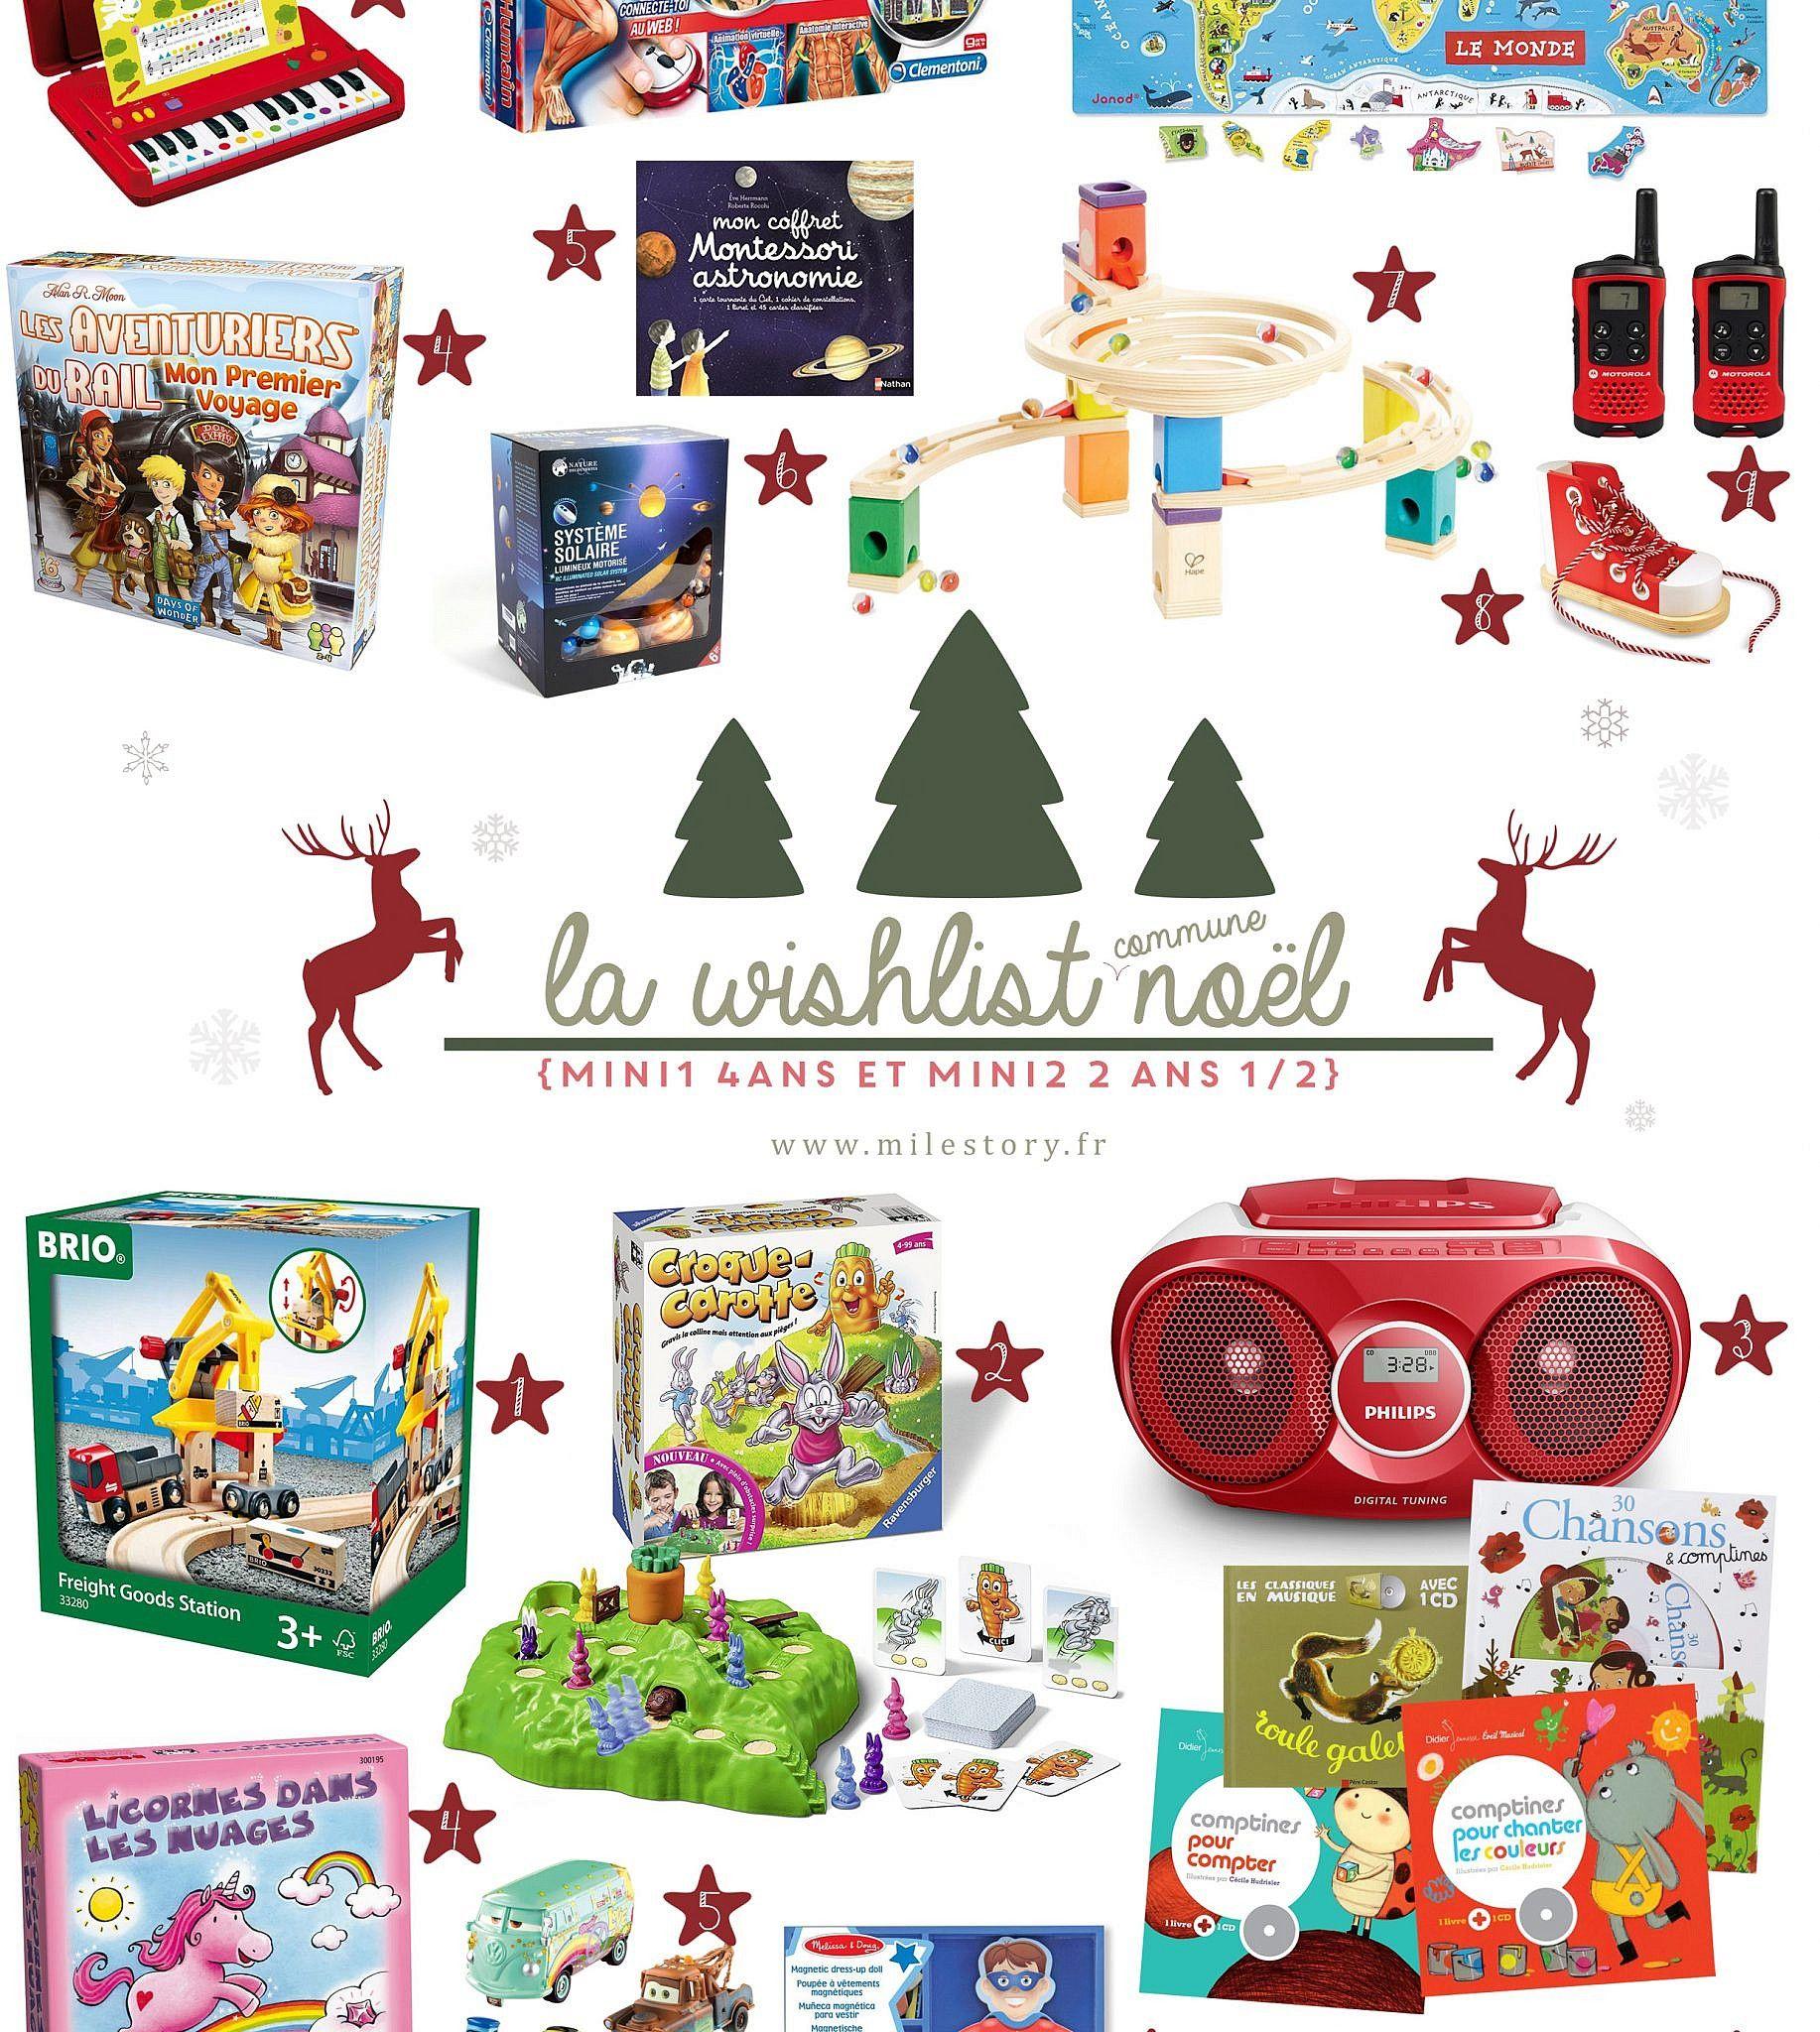 Wishlist Noël 2017 – Idées Cadeaux Enfants De 4 Ans Et 2 Ans destiné Jeux Gratuit 4 Ans